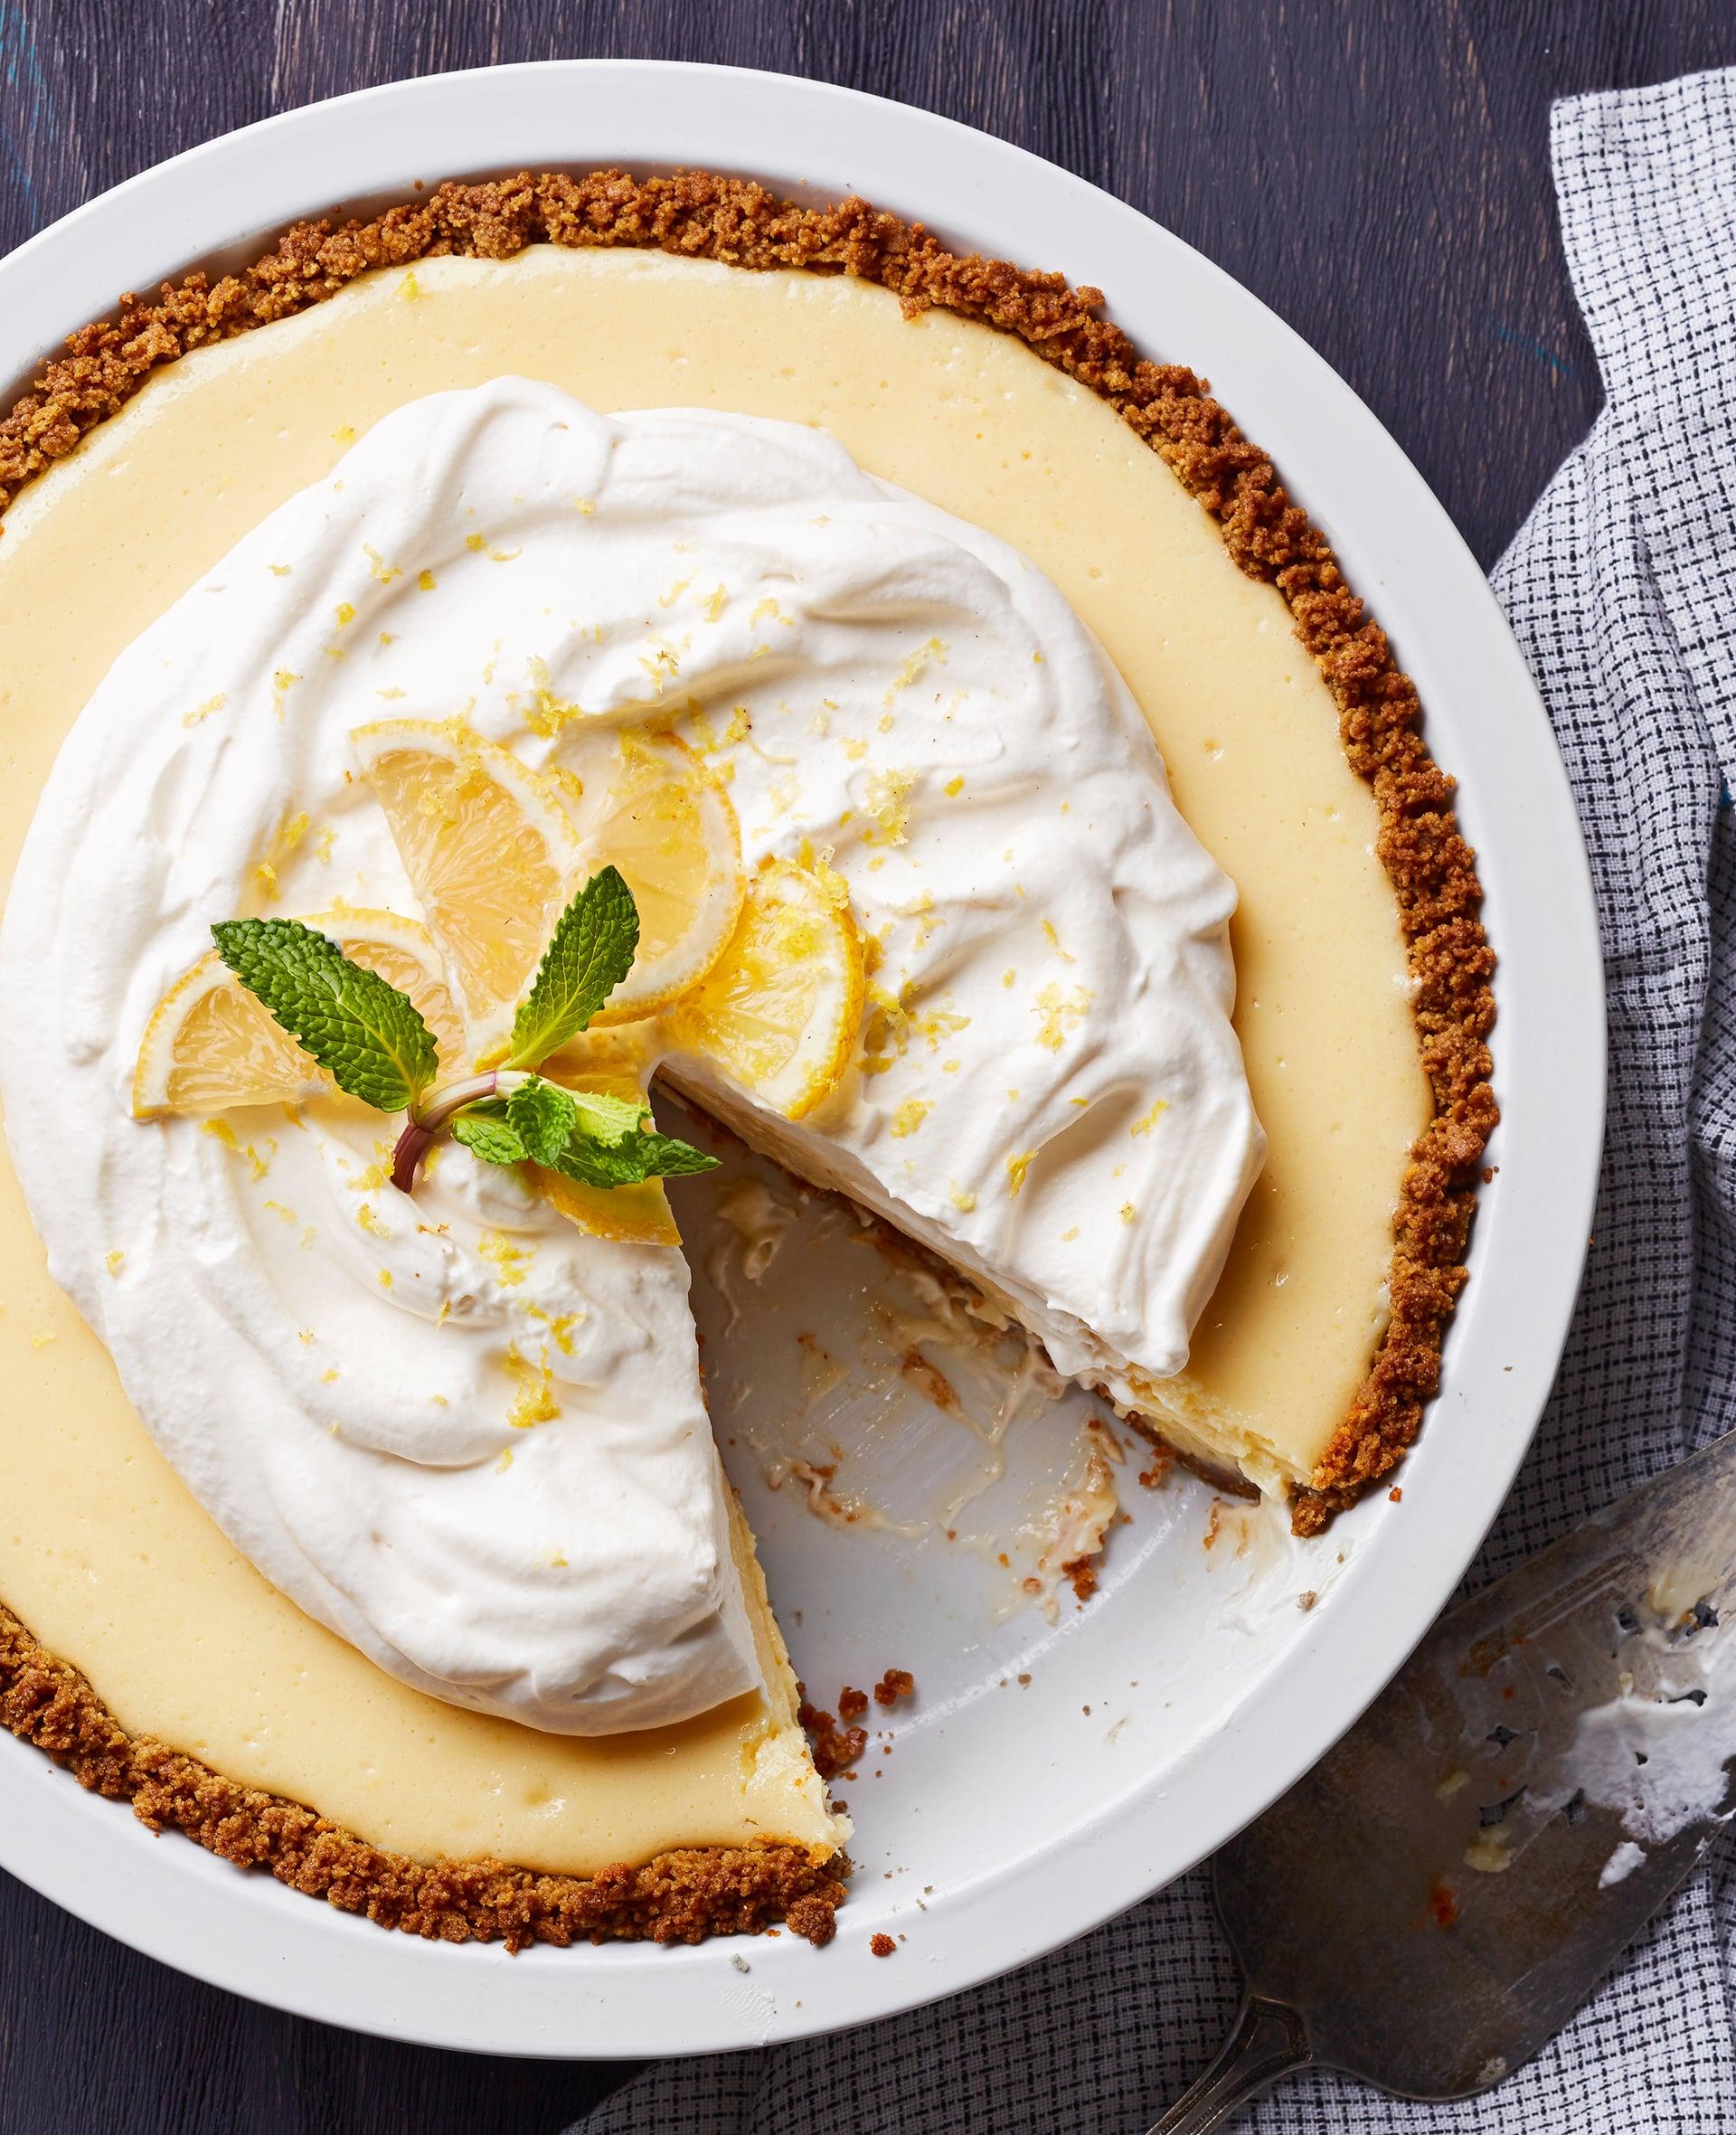 PopsugarLivingRecipesJoanna Gaines Lemon Pie RecipeYou